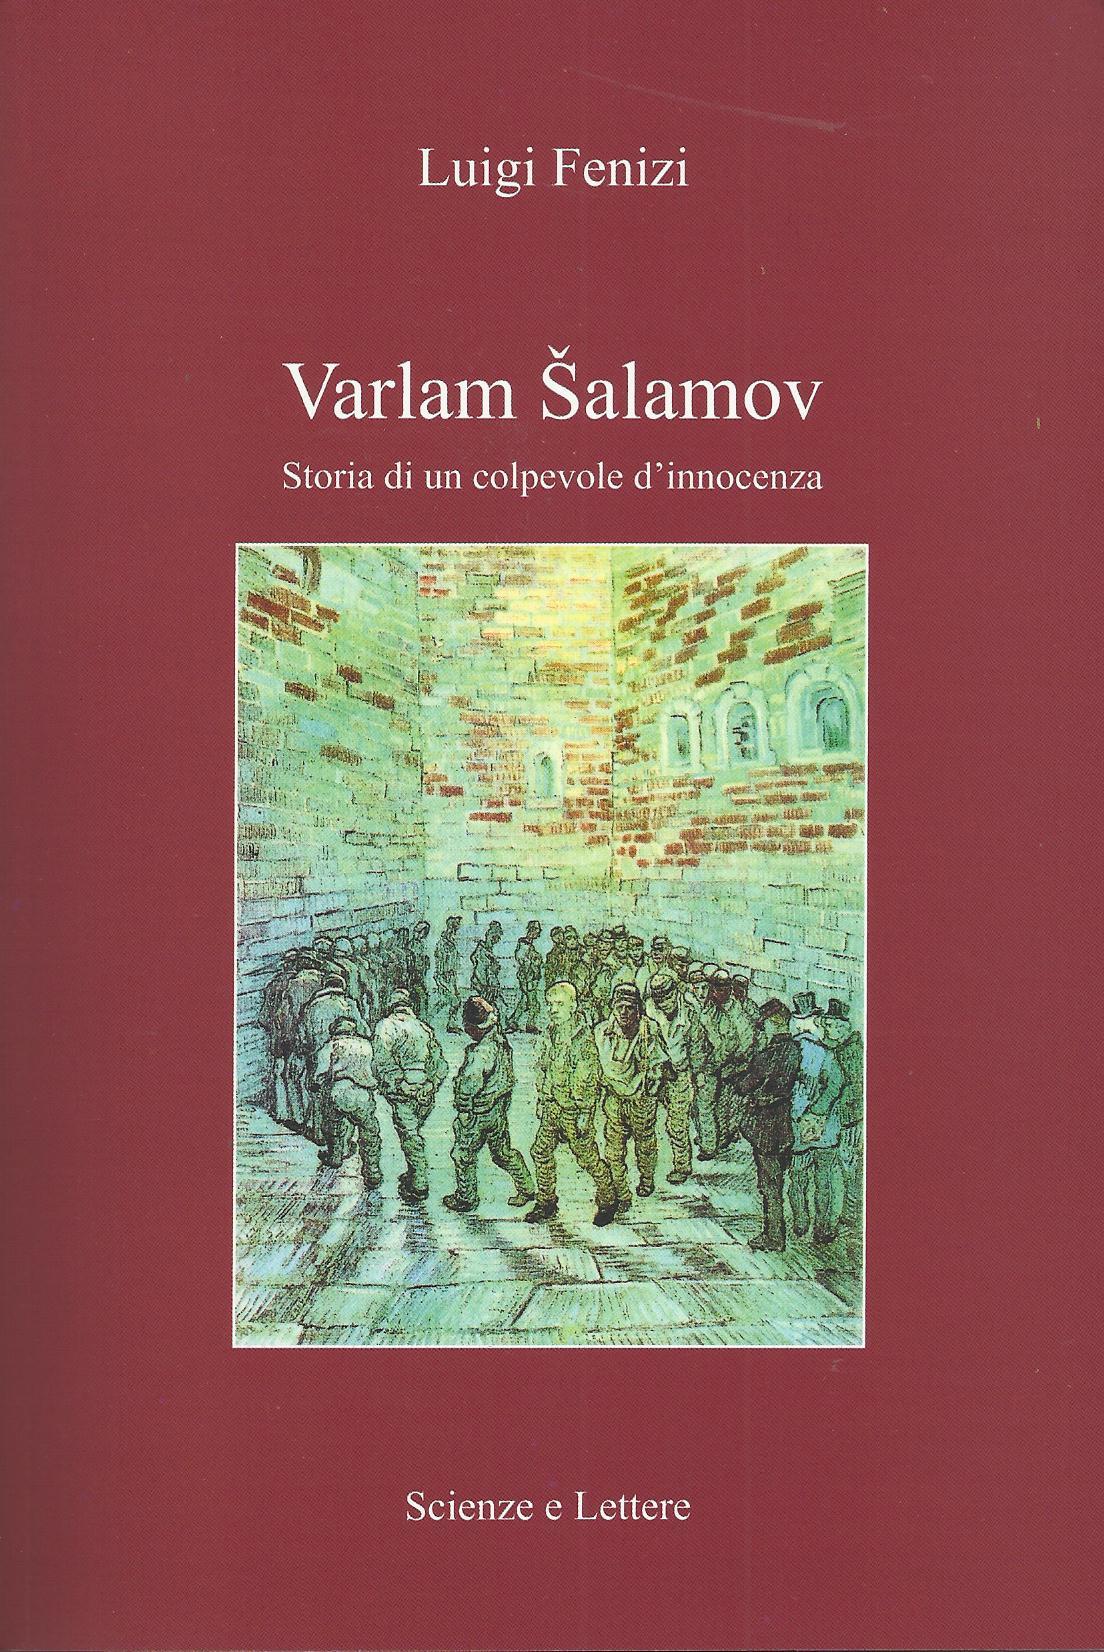 Varlam alamov storia di un colpevole d innocenza for Case di un ranch di storia